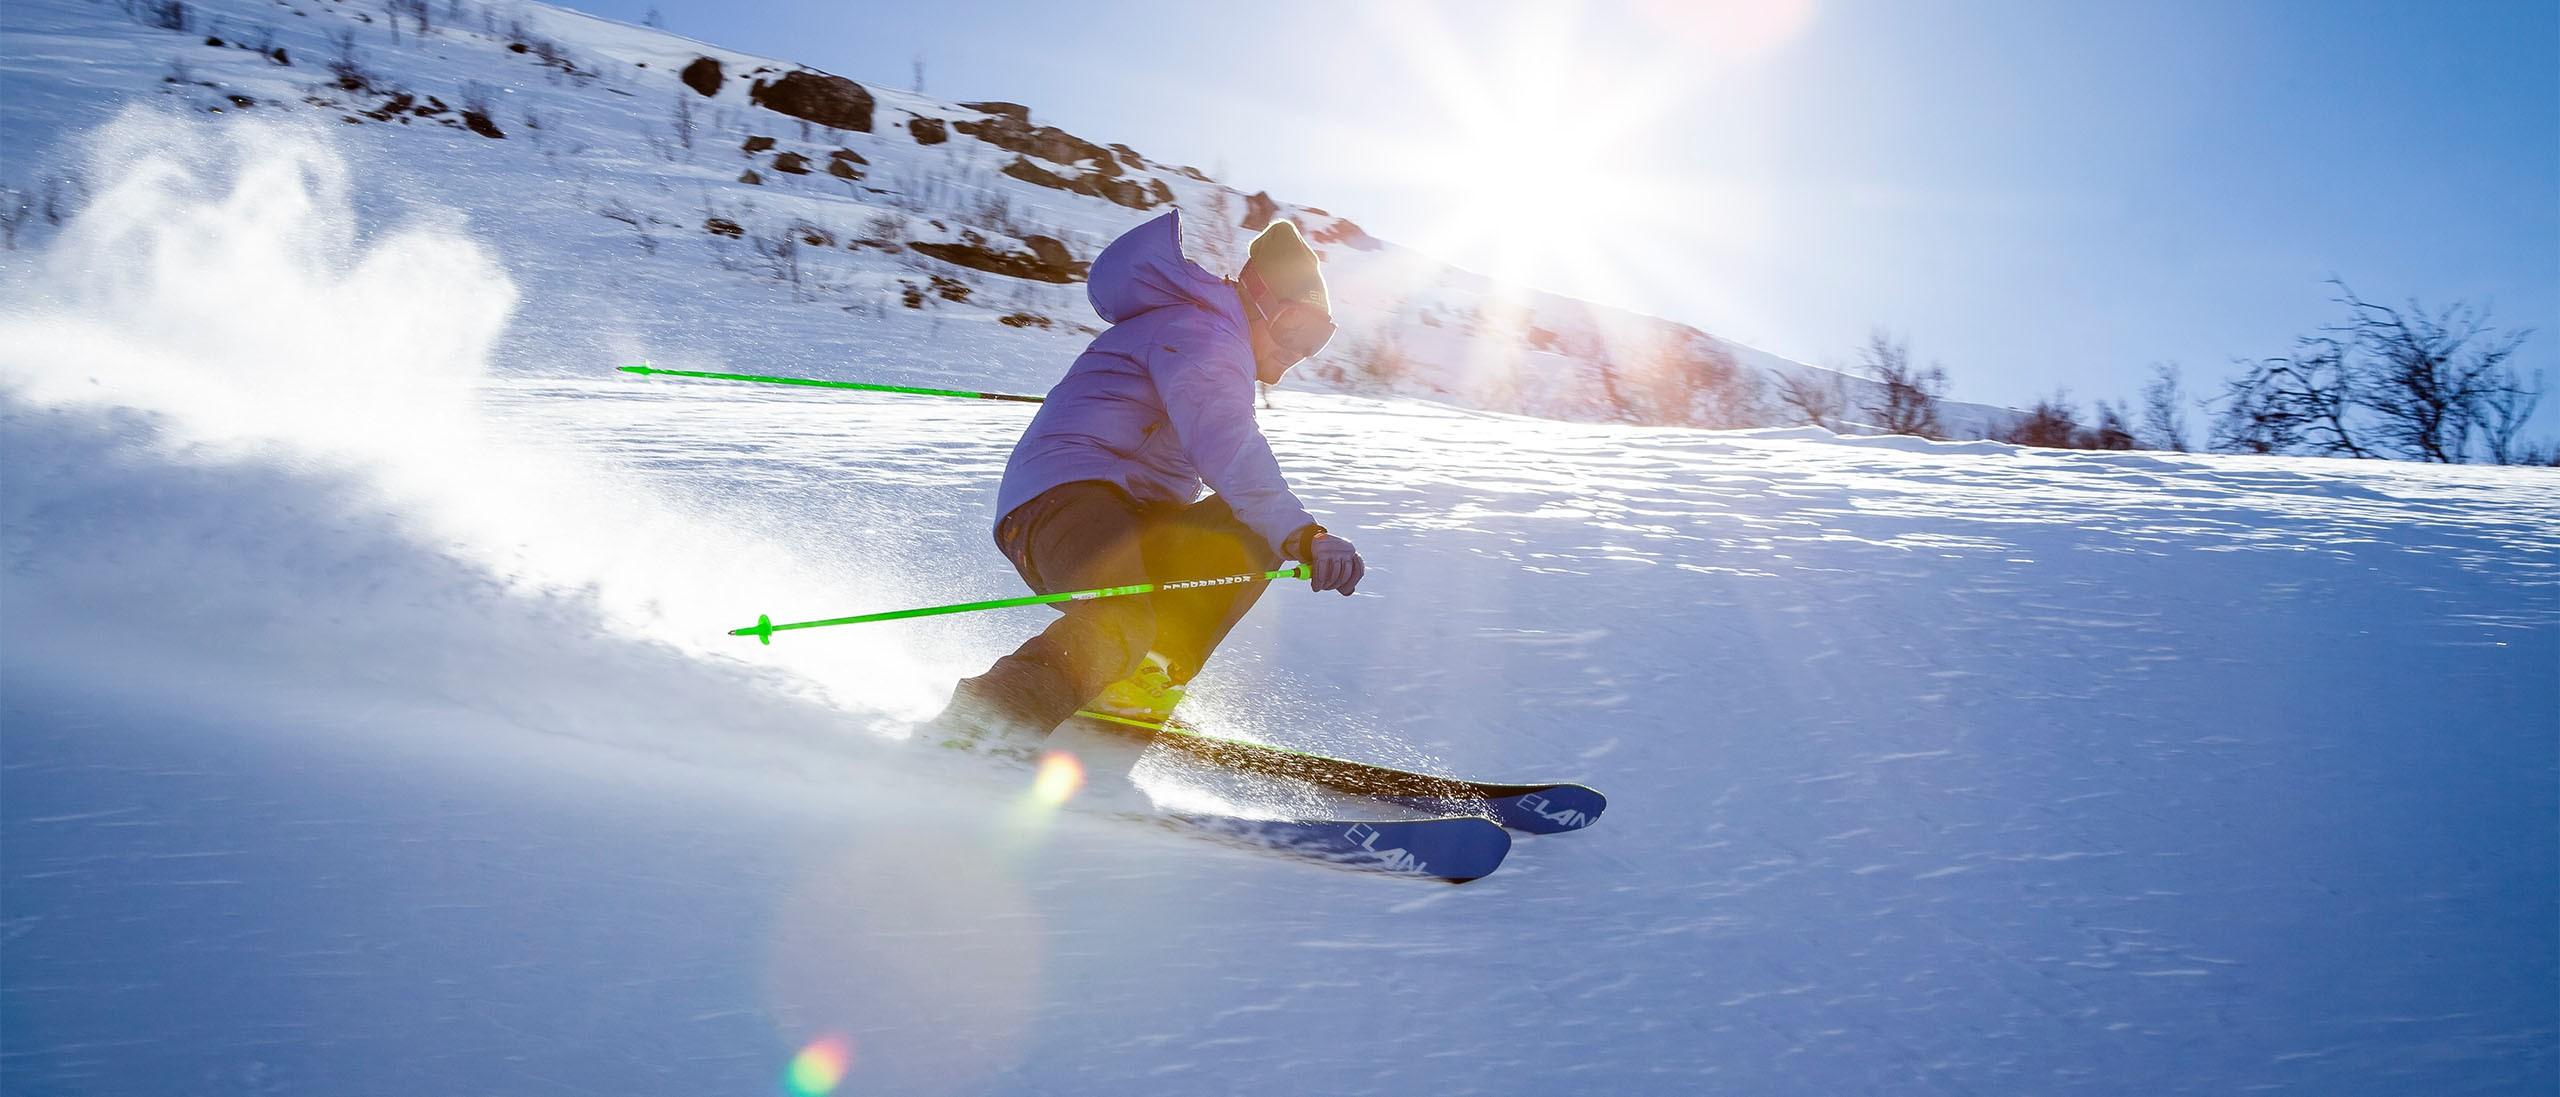 Salomon X Max 120 W Ski Boots 2019 Women's   The Ski Monster